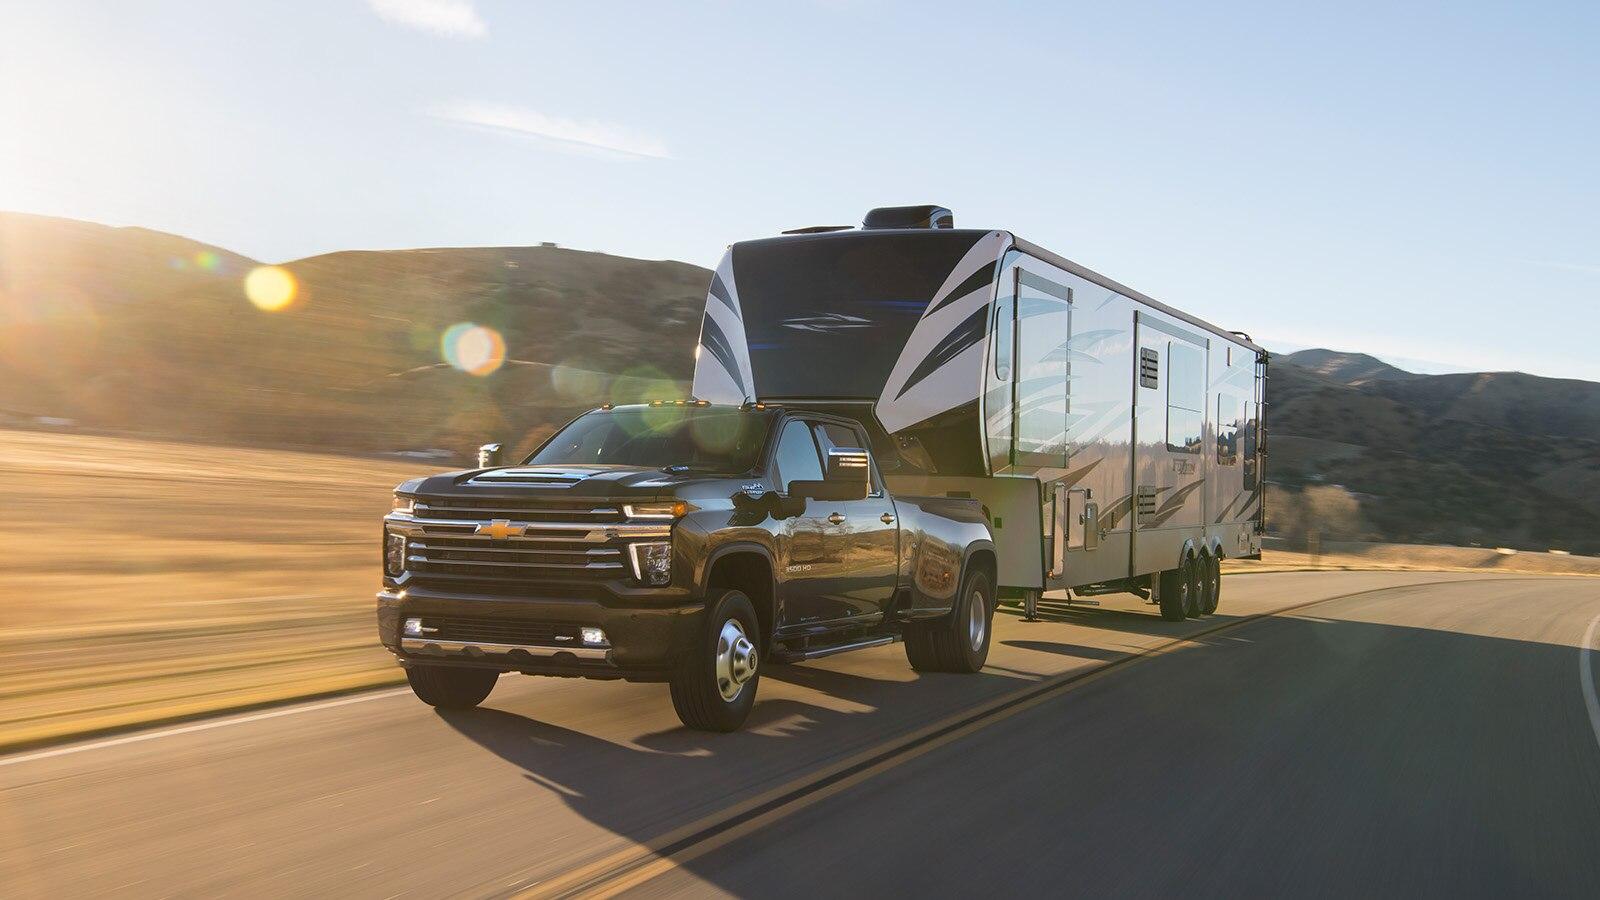 Una camioneta Silverado HD 2020 de color negro transporta un trailer grande por una carretera de dos carriles con colinas en el fondo.